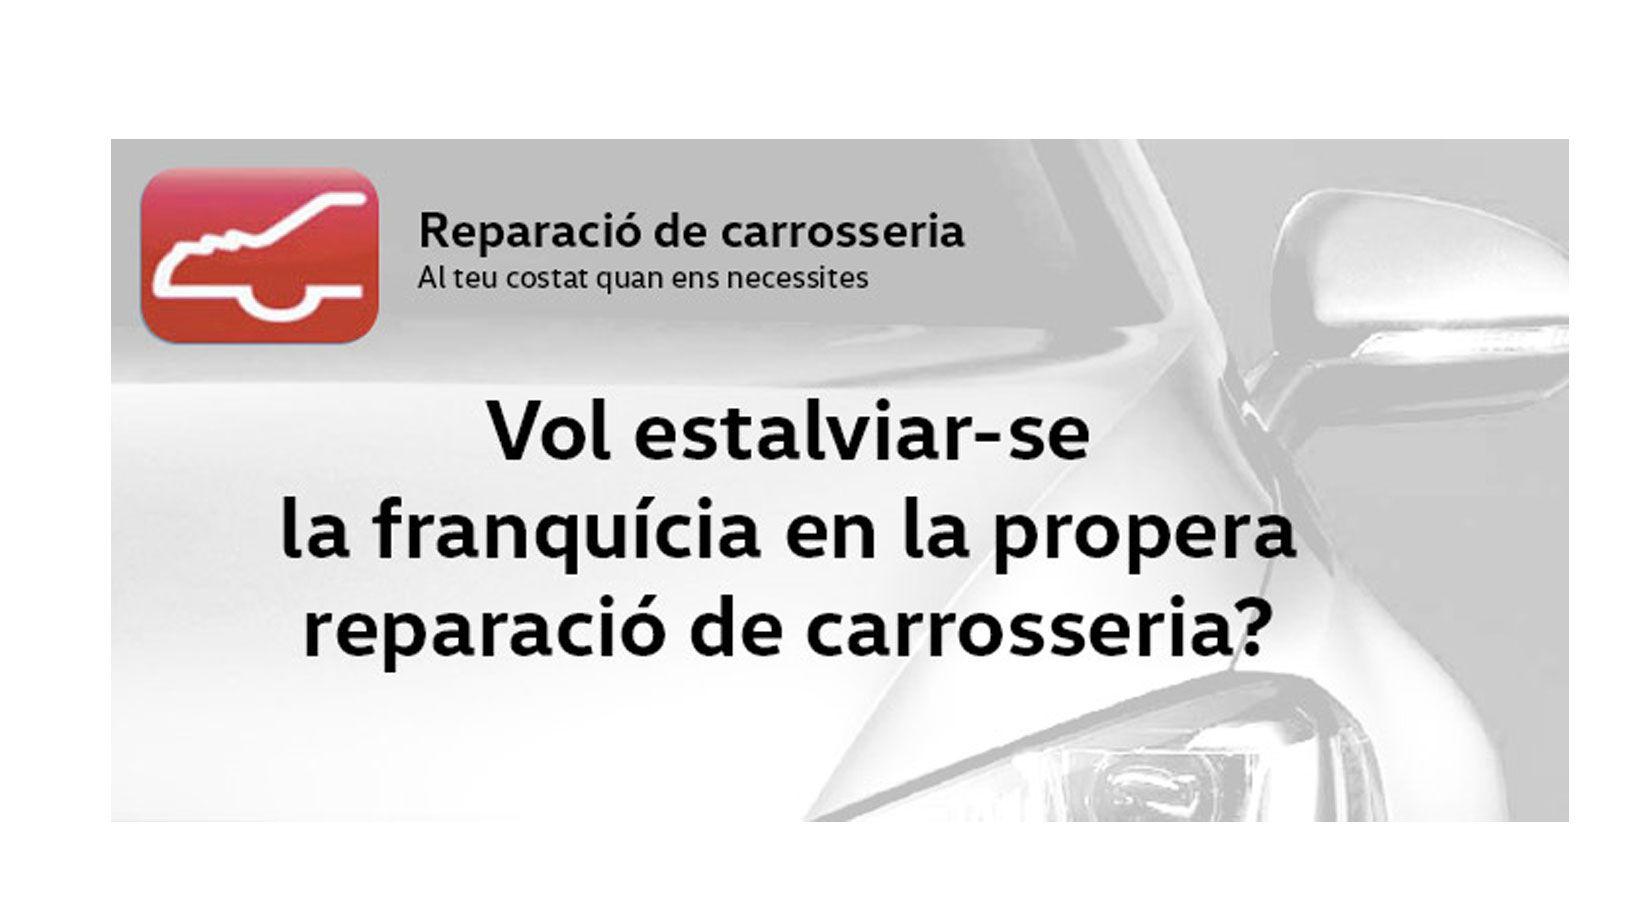 Traiga su coche a Tarraco Mòbil y la franquícia le puede salir gratis